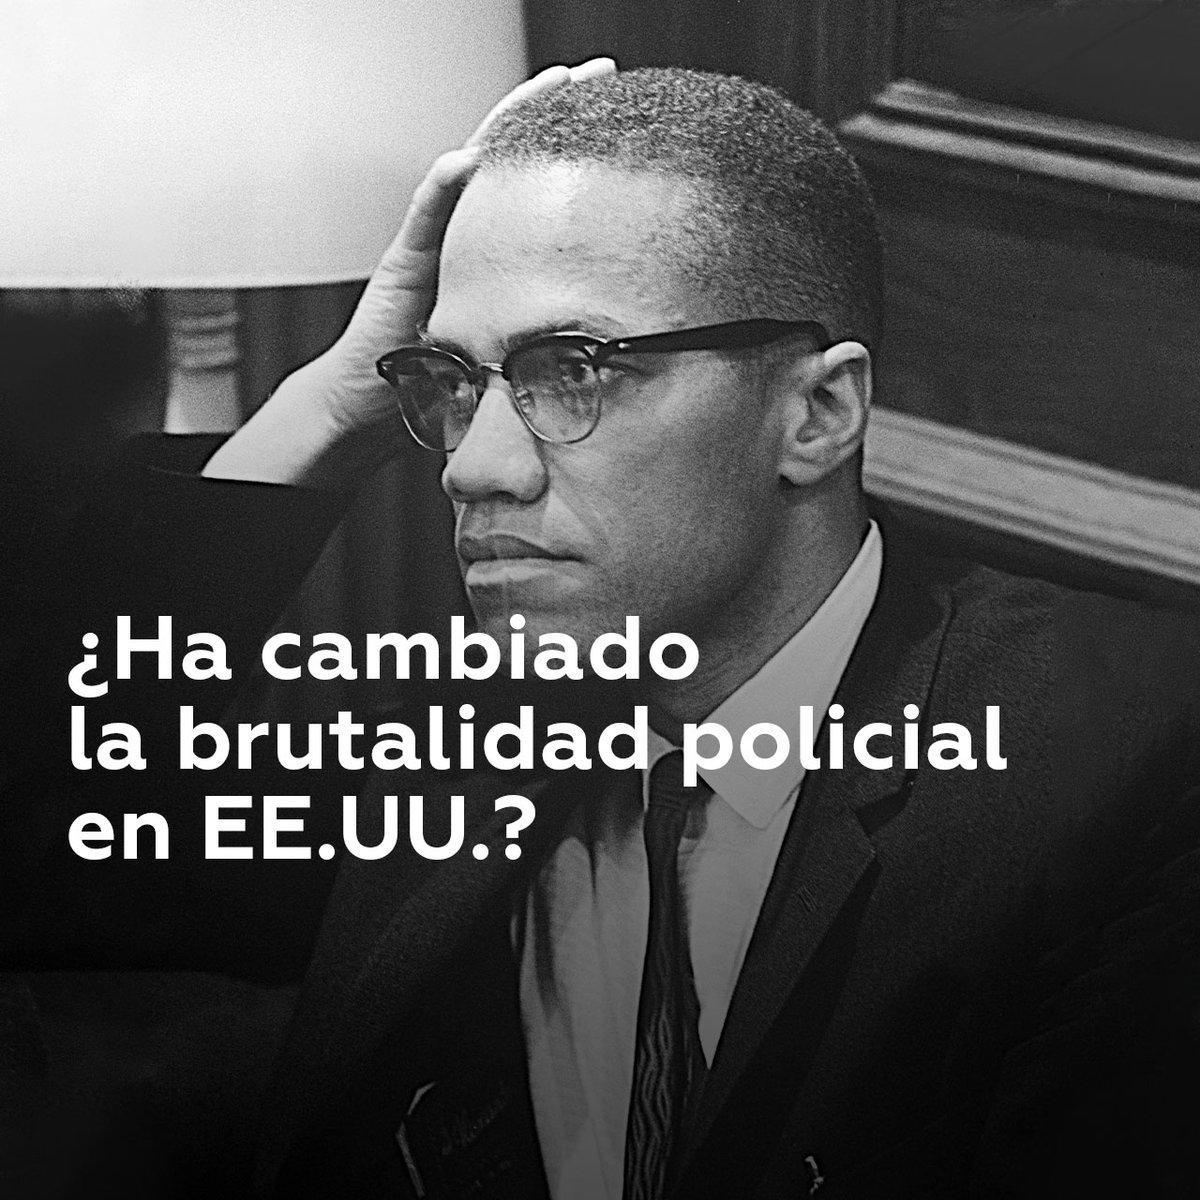 Hace más de 50 años, el activista Malcom X acusaba a la Policía de EE.UU. de maltratar a los afroamericanos. ¿Ha cambiado la situación en ese país?